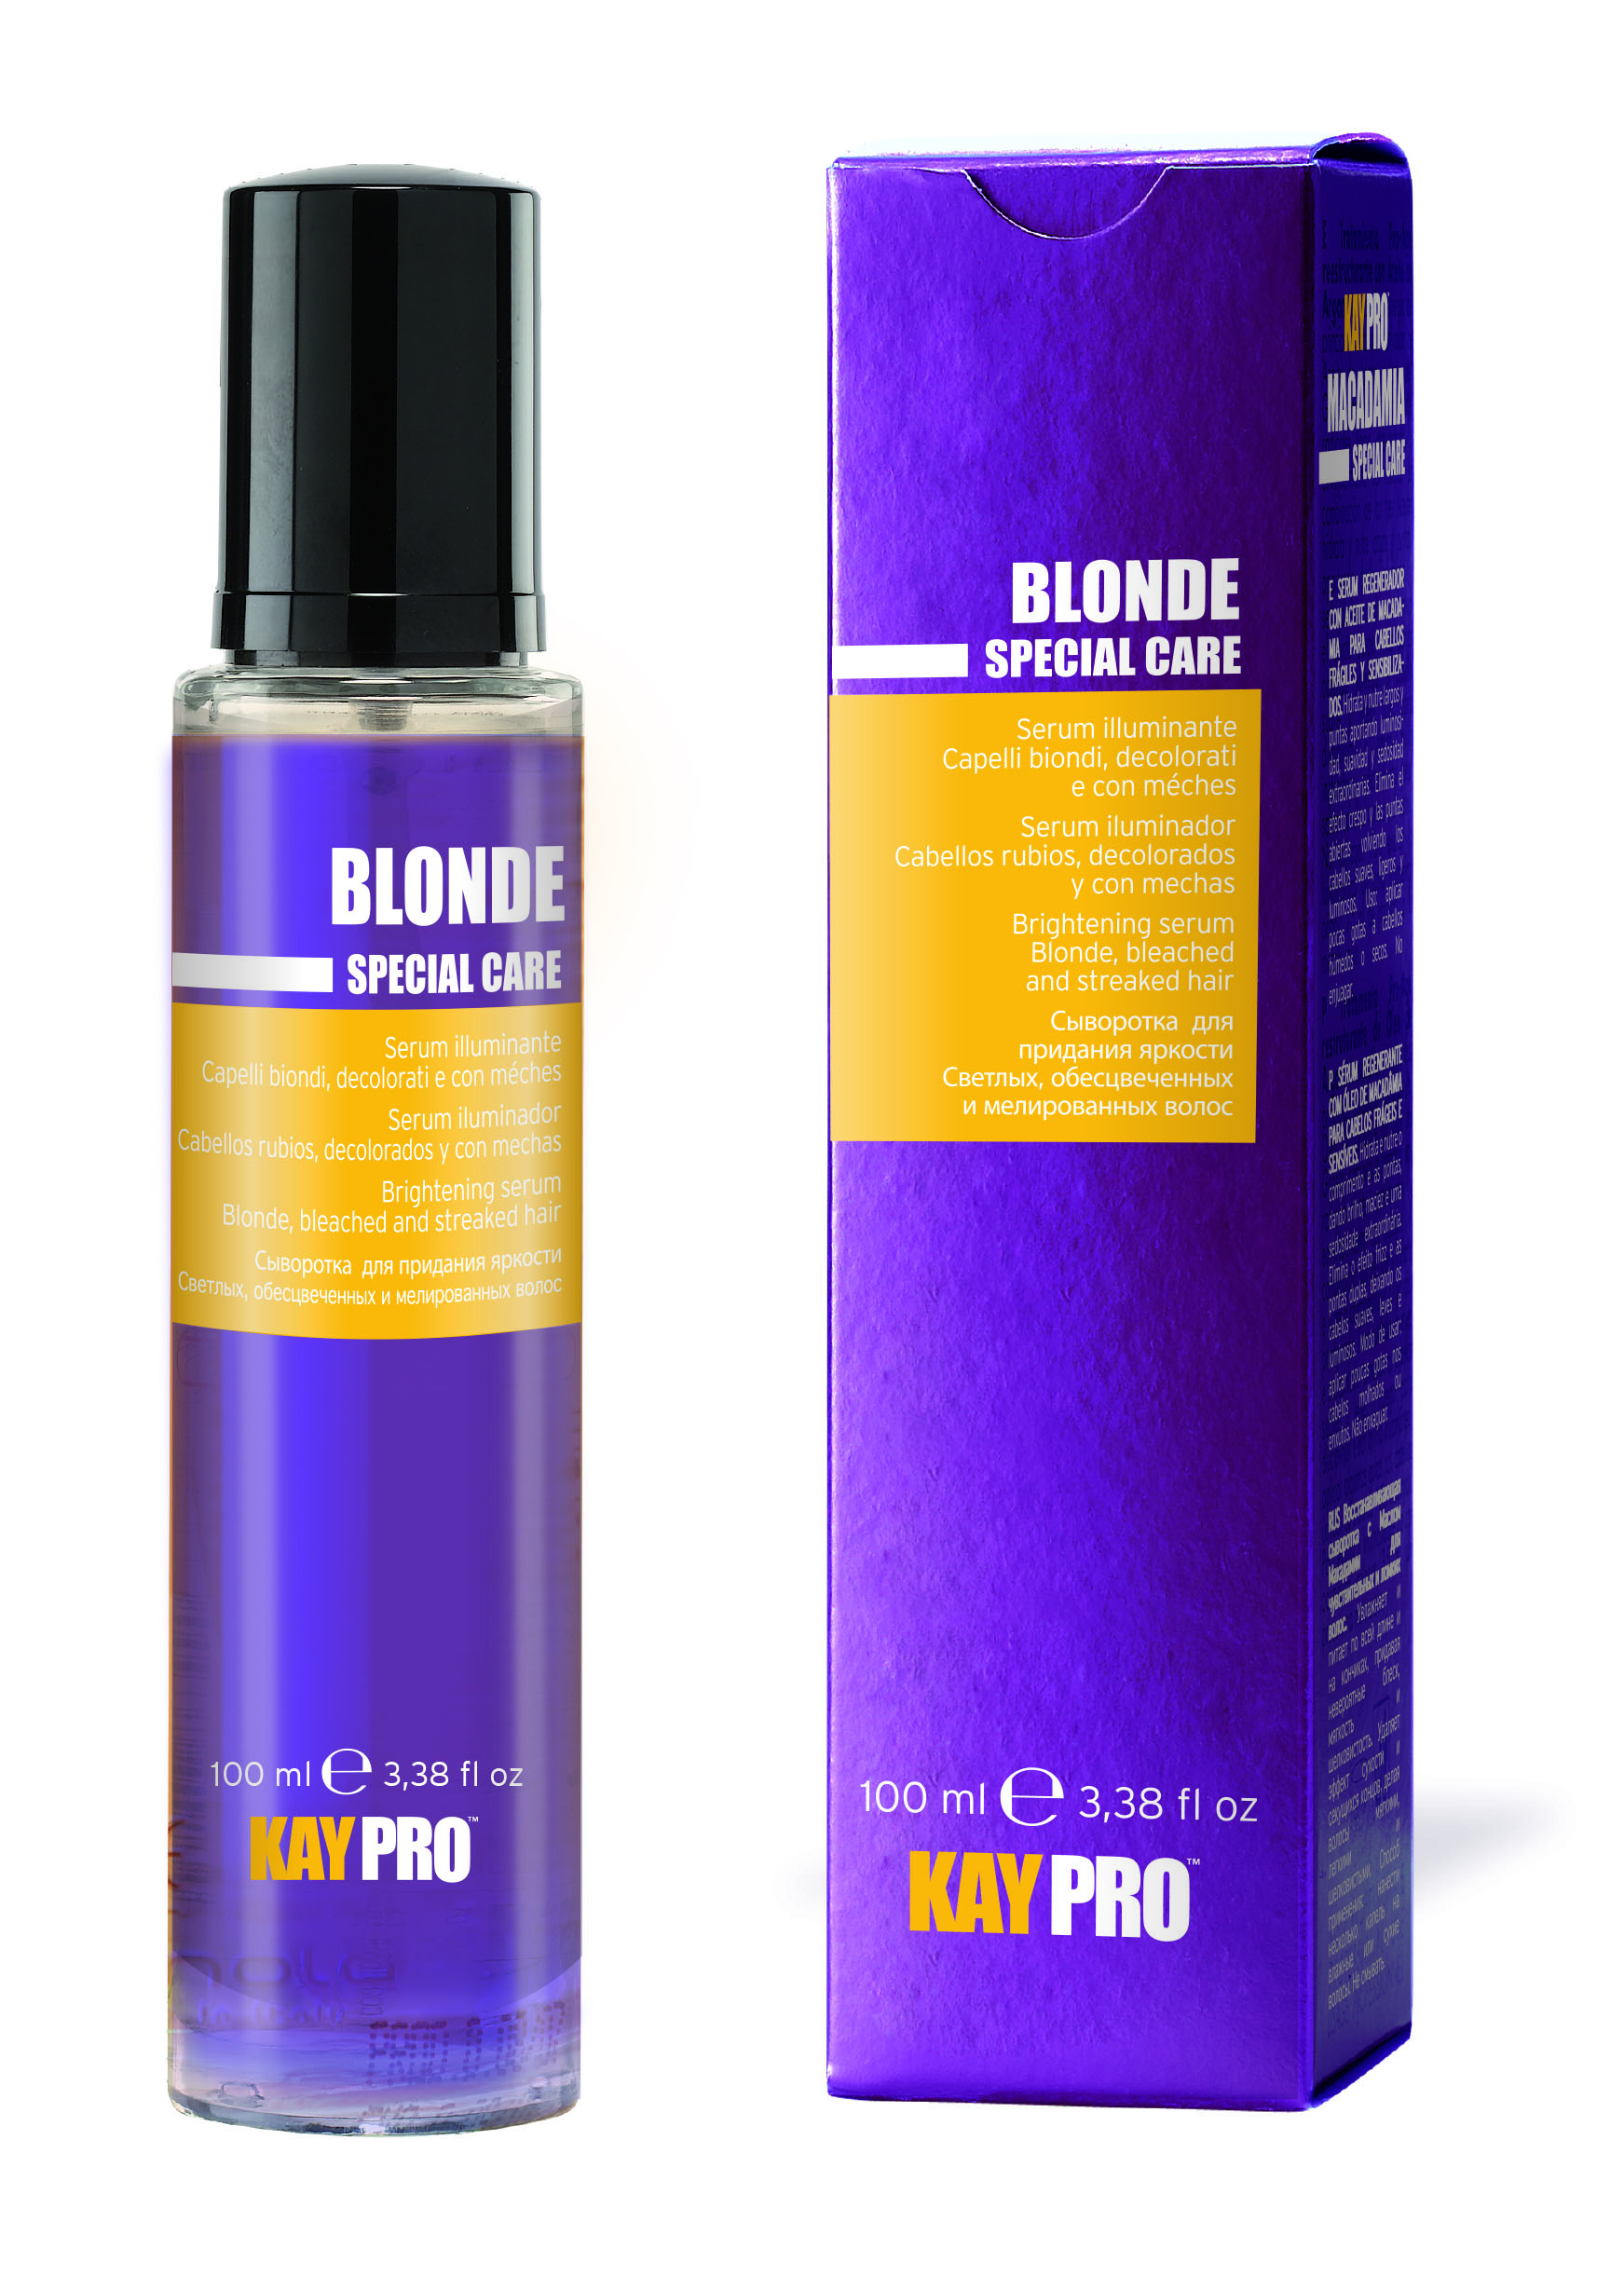 Купить KAYPRO Сыворотка с сапфиром для придания яркости 100 мл, Блонд